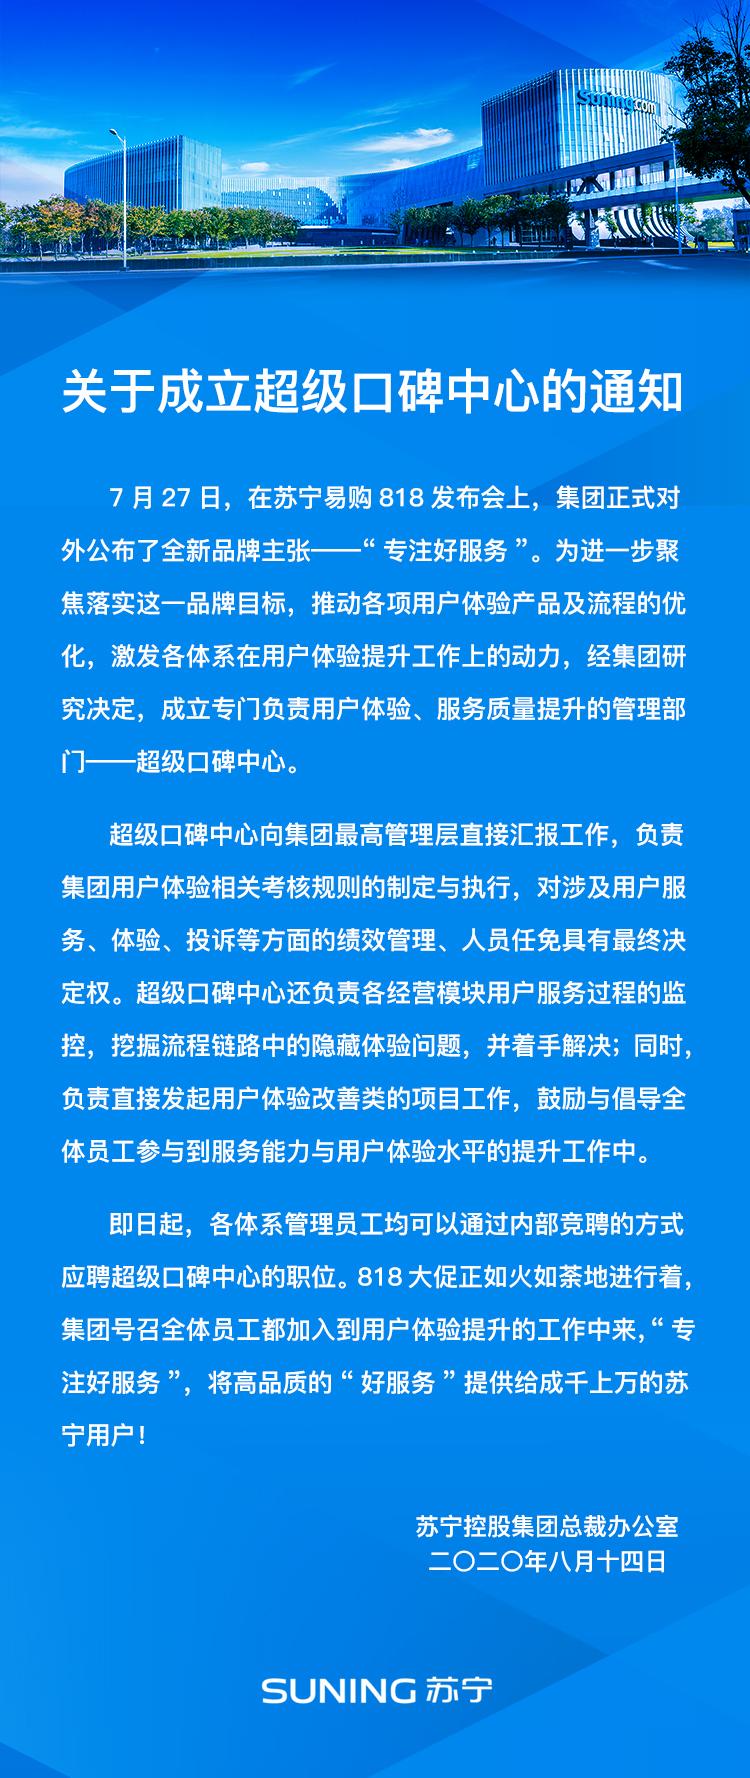 818苏宁易购成立超级口碑中心,员工可内部竞聘岗位